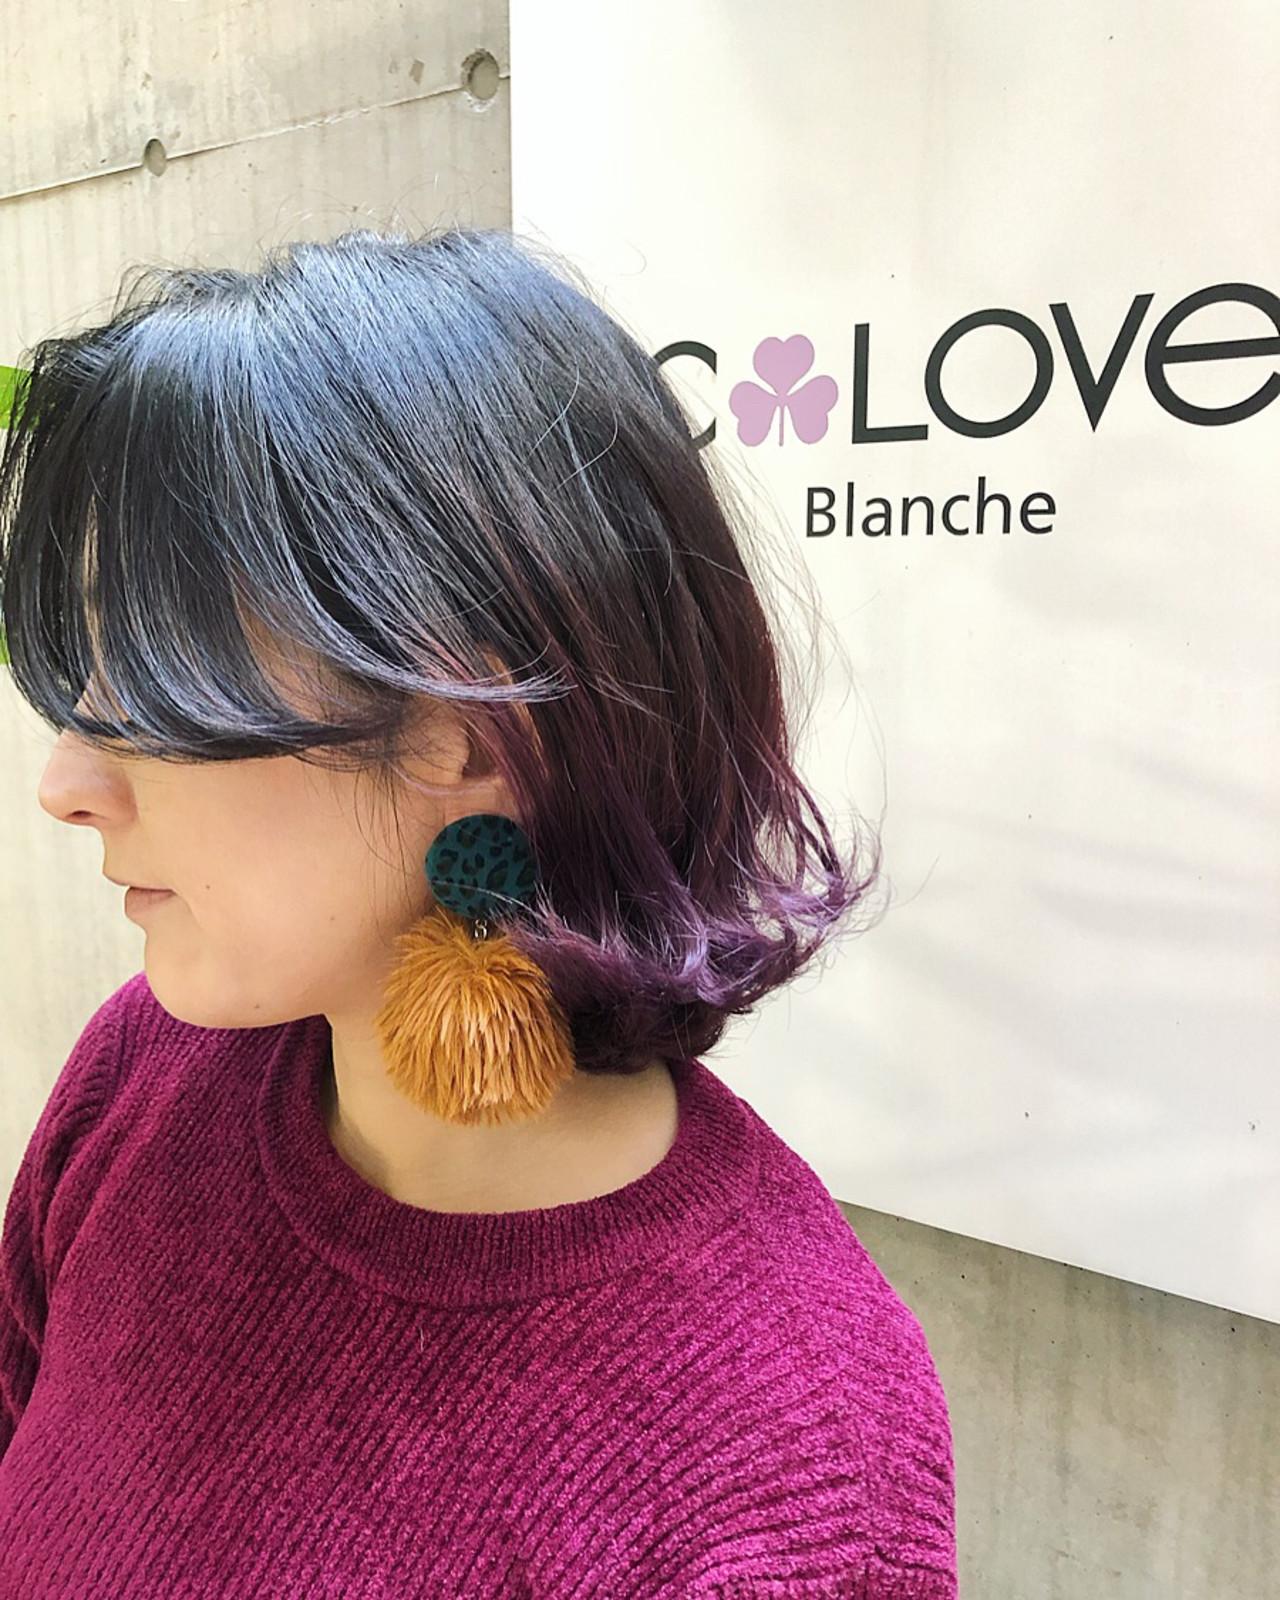 グラデーションカラー 紫 バレイヤージュ ボブ|C,LOVe 中目黒